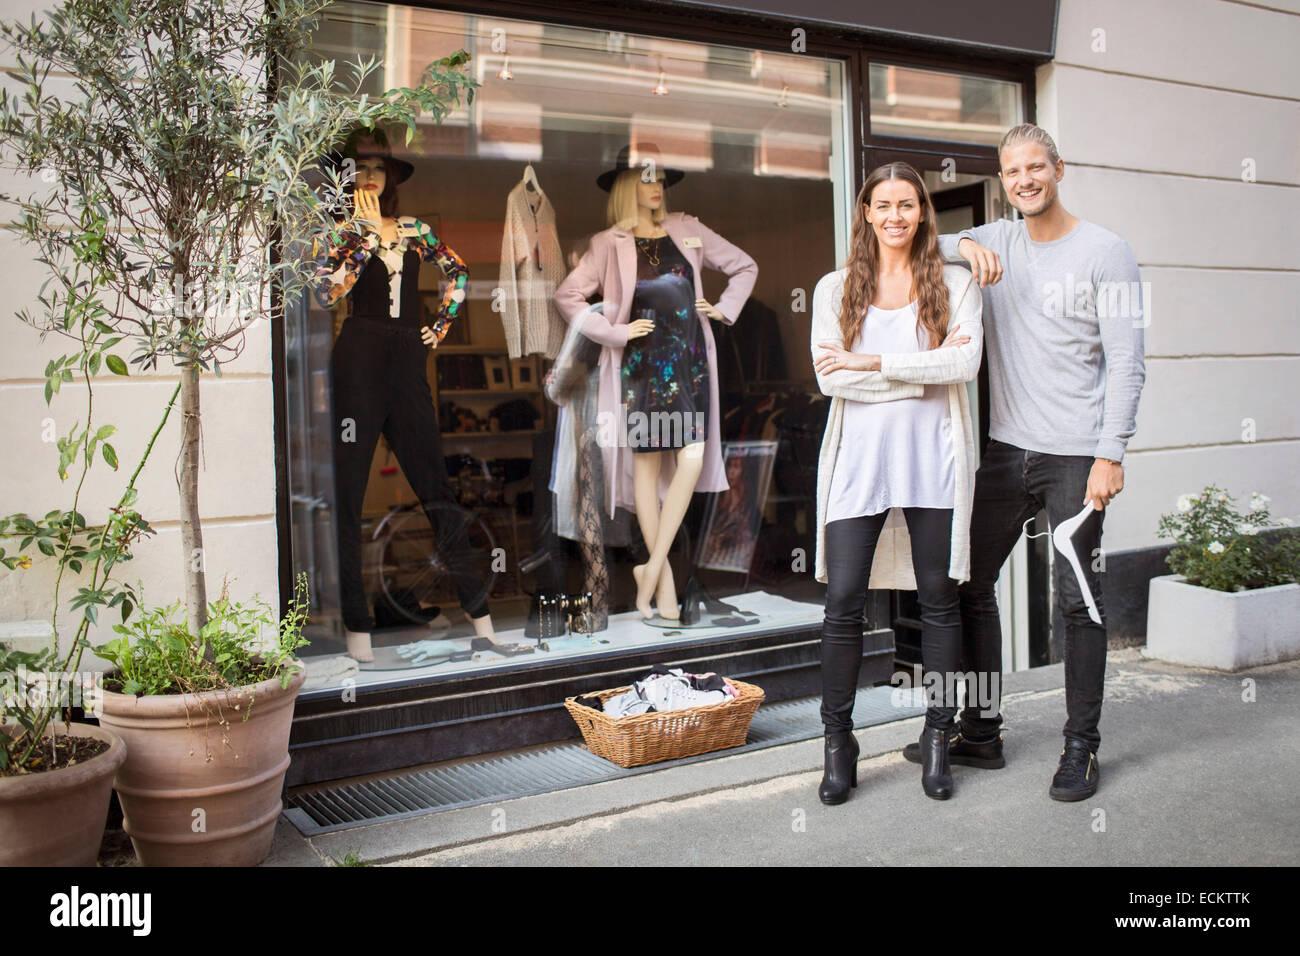 Retrato del propietario sonriente con trabajadora de pie delante de la tienda de ropa Imagen De Stock